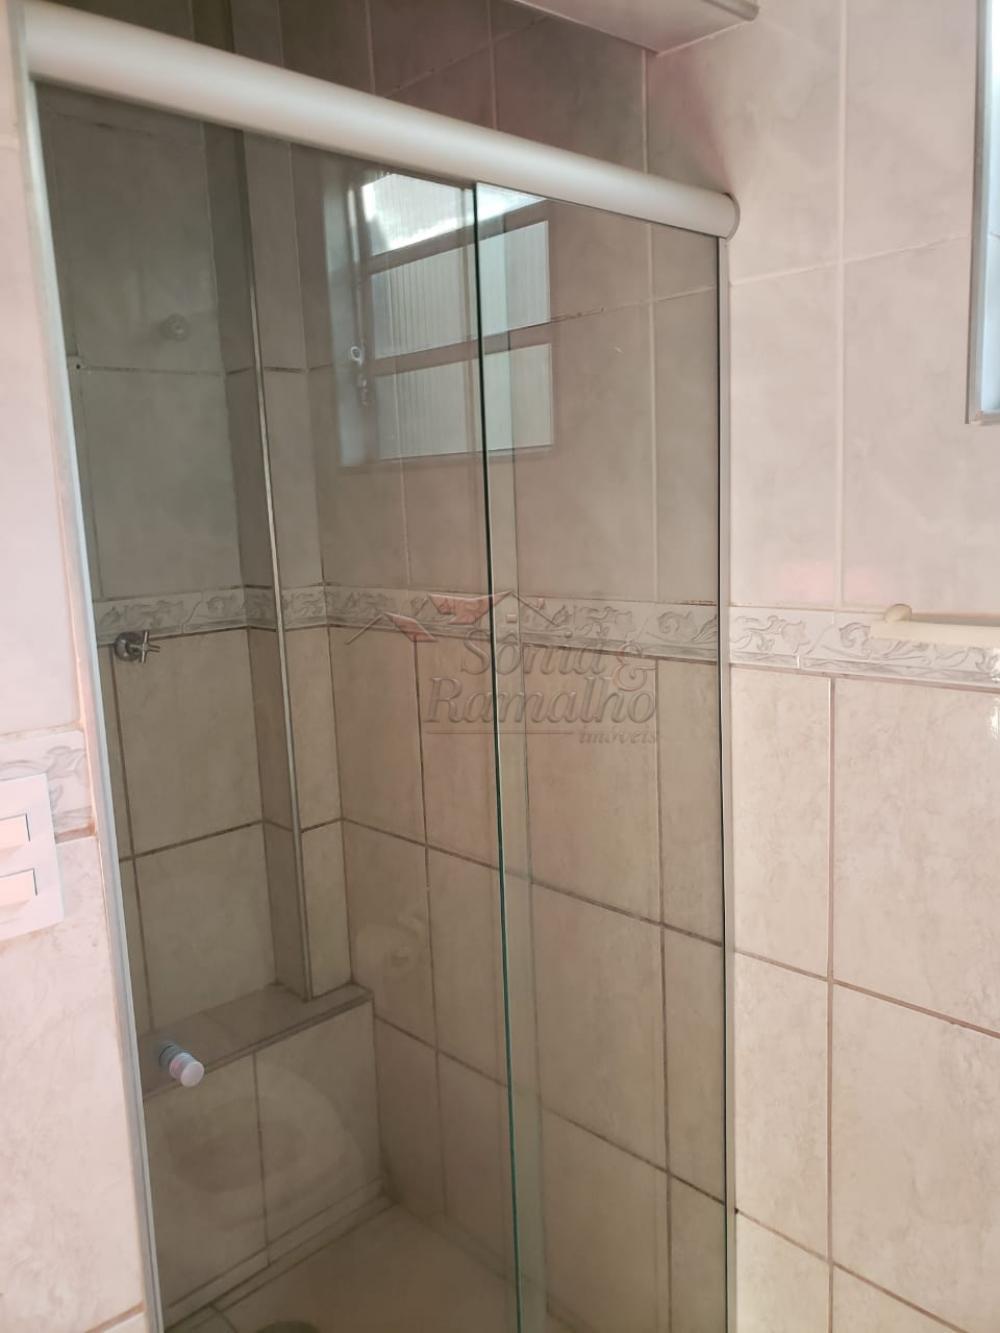 Alugar Casas / Padrão em Ribeirão Preto R$ 700,00 - Foto 12